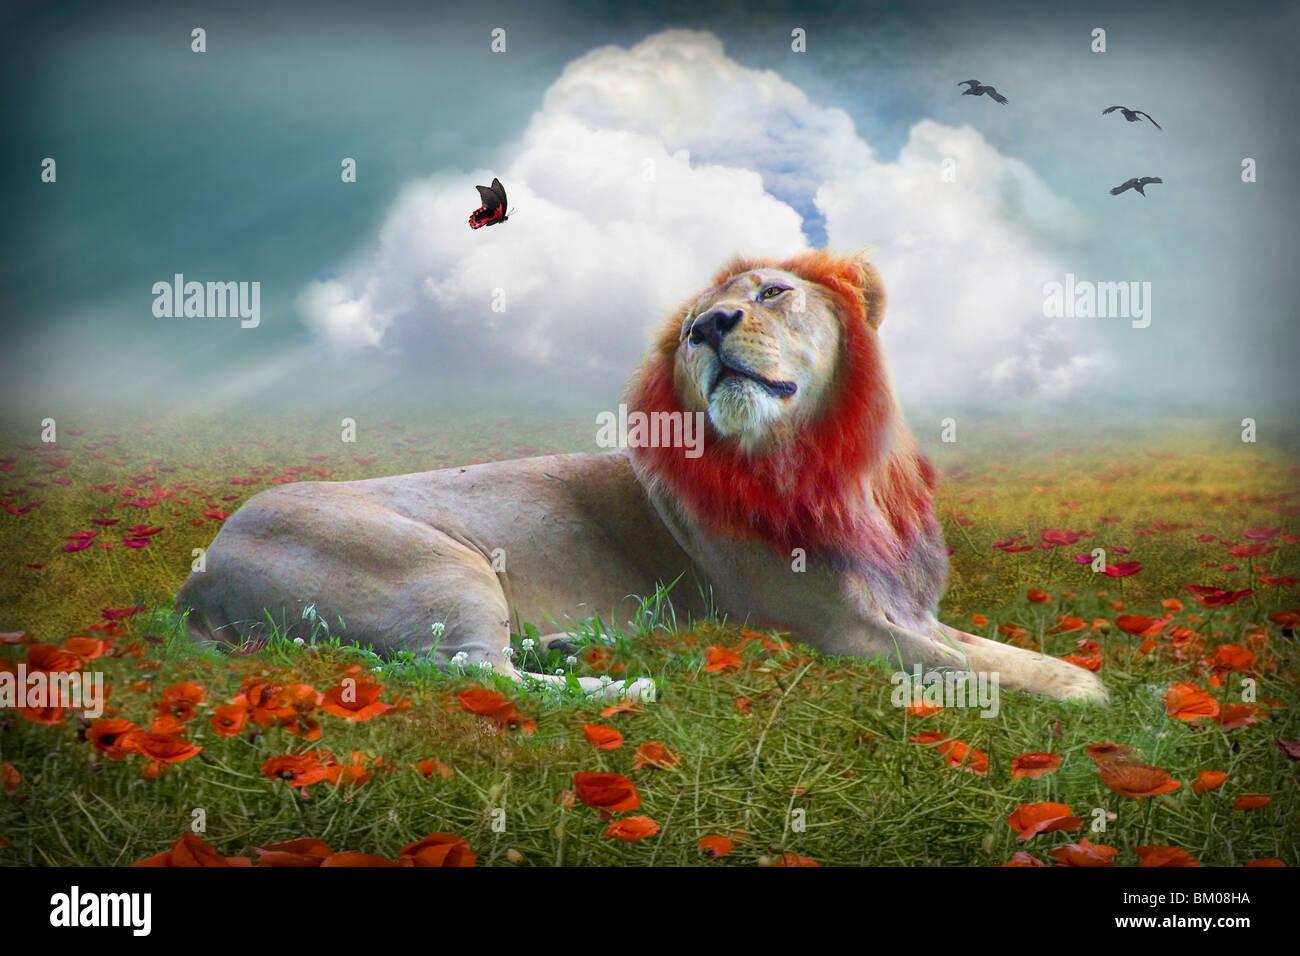 Löwen in einem Mohnfeld mit Schmetterling Stockbild